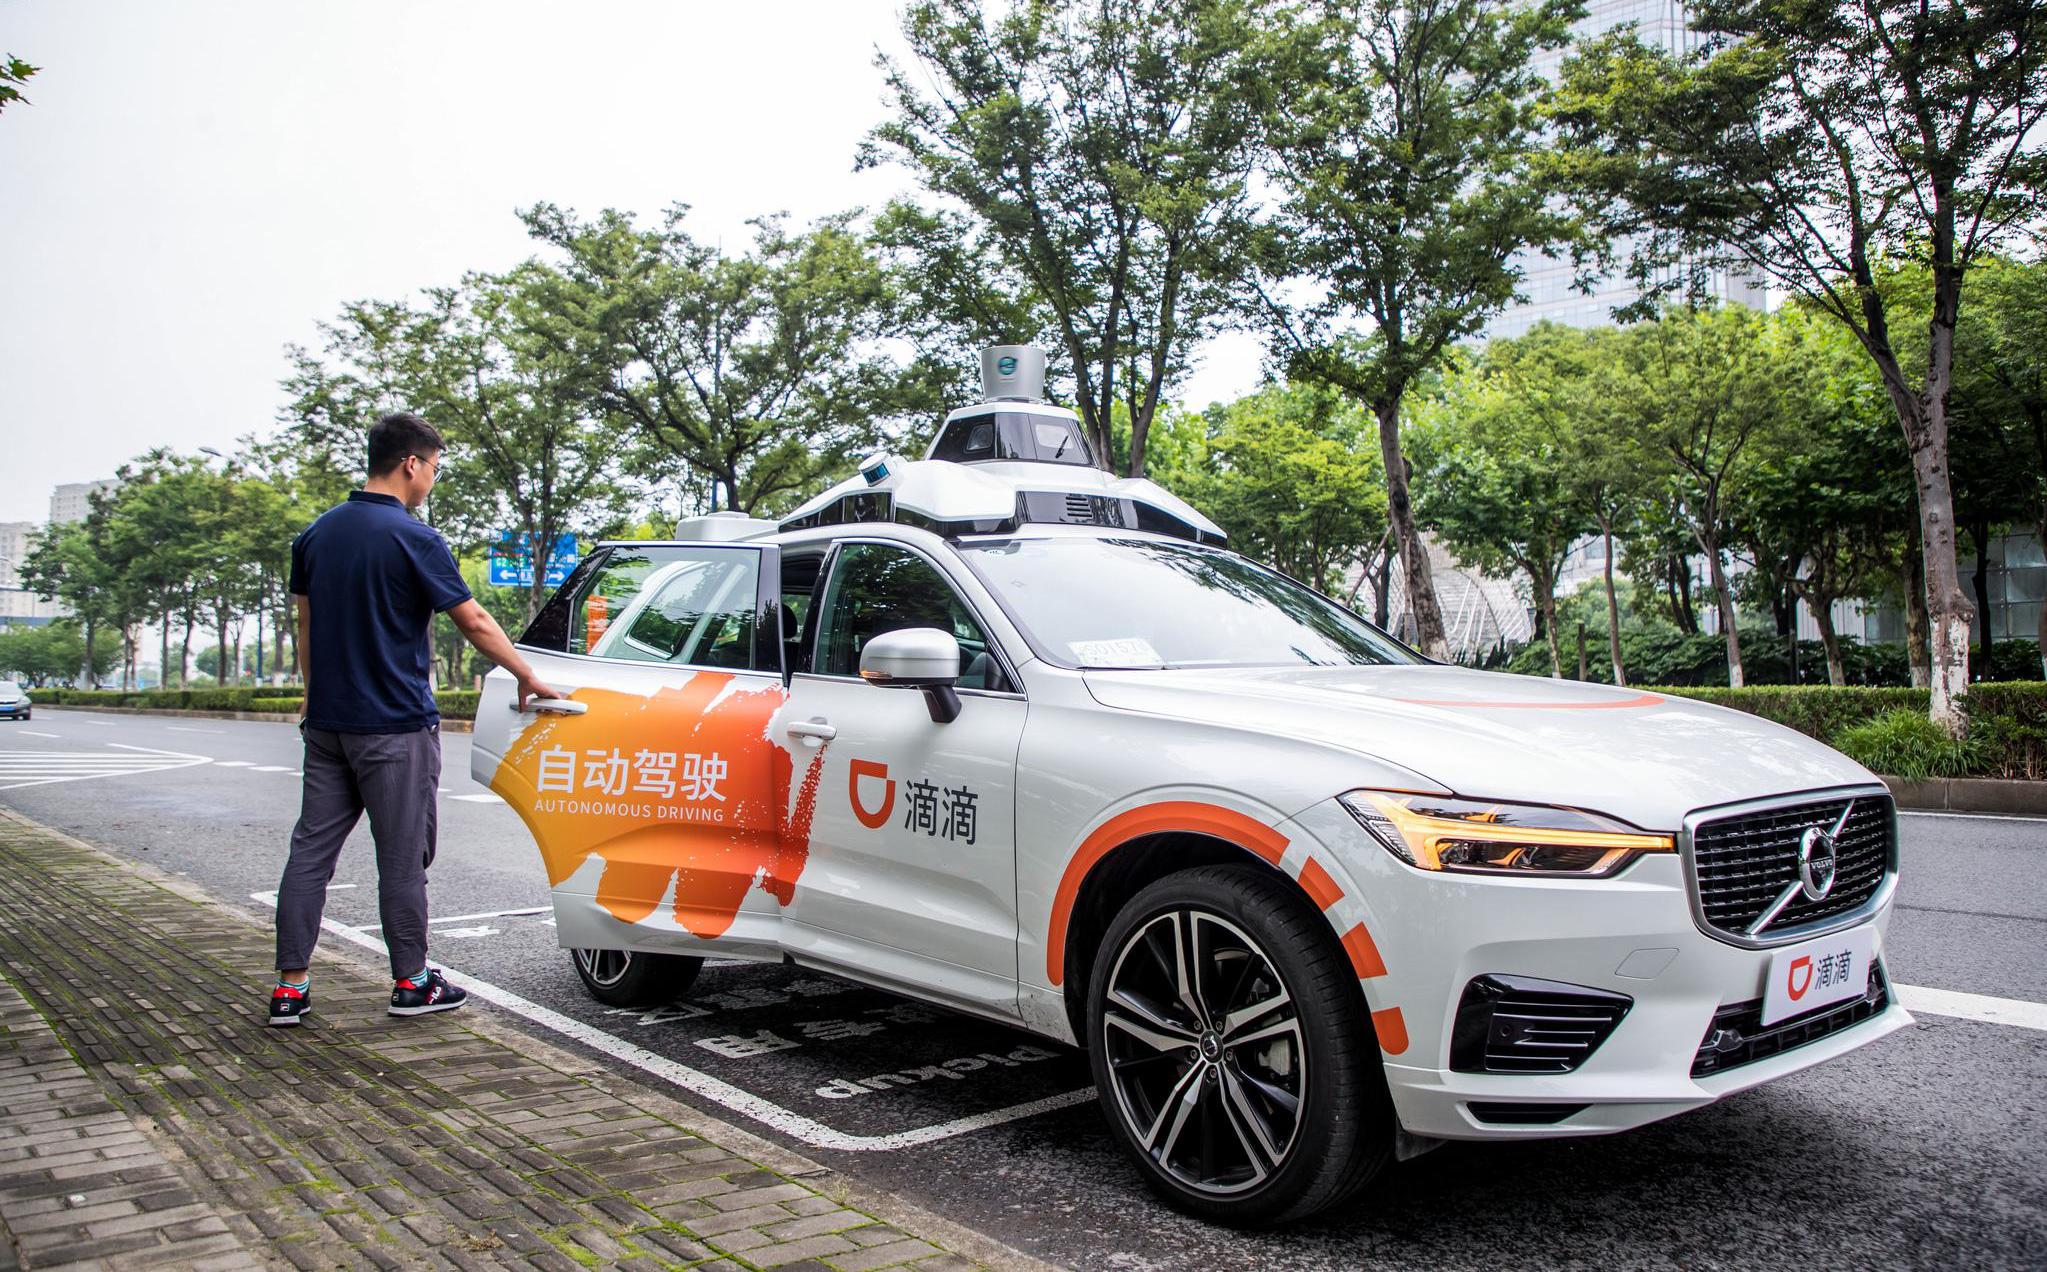 [VIDEO] Taxi không người lái của hãng Didi Trung Quốc hoạt động như thế nào?